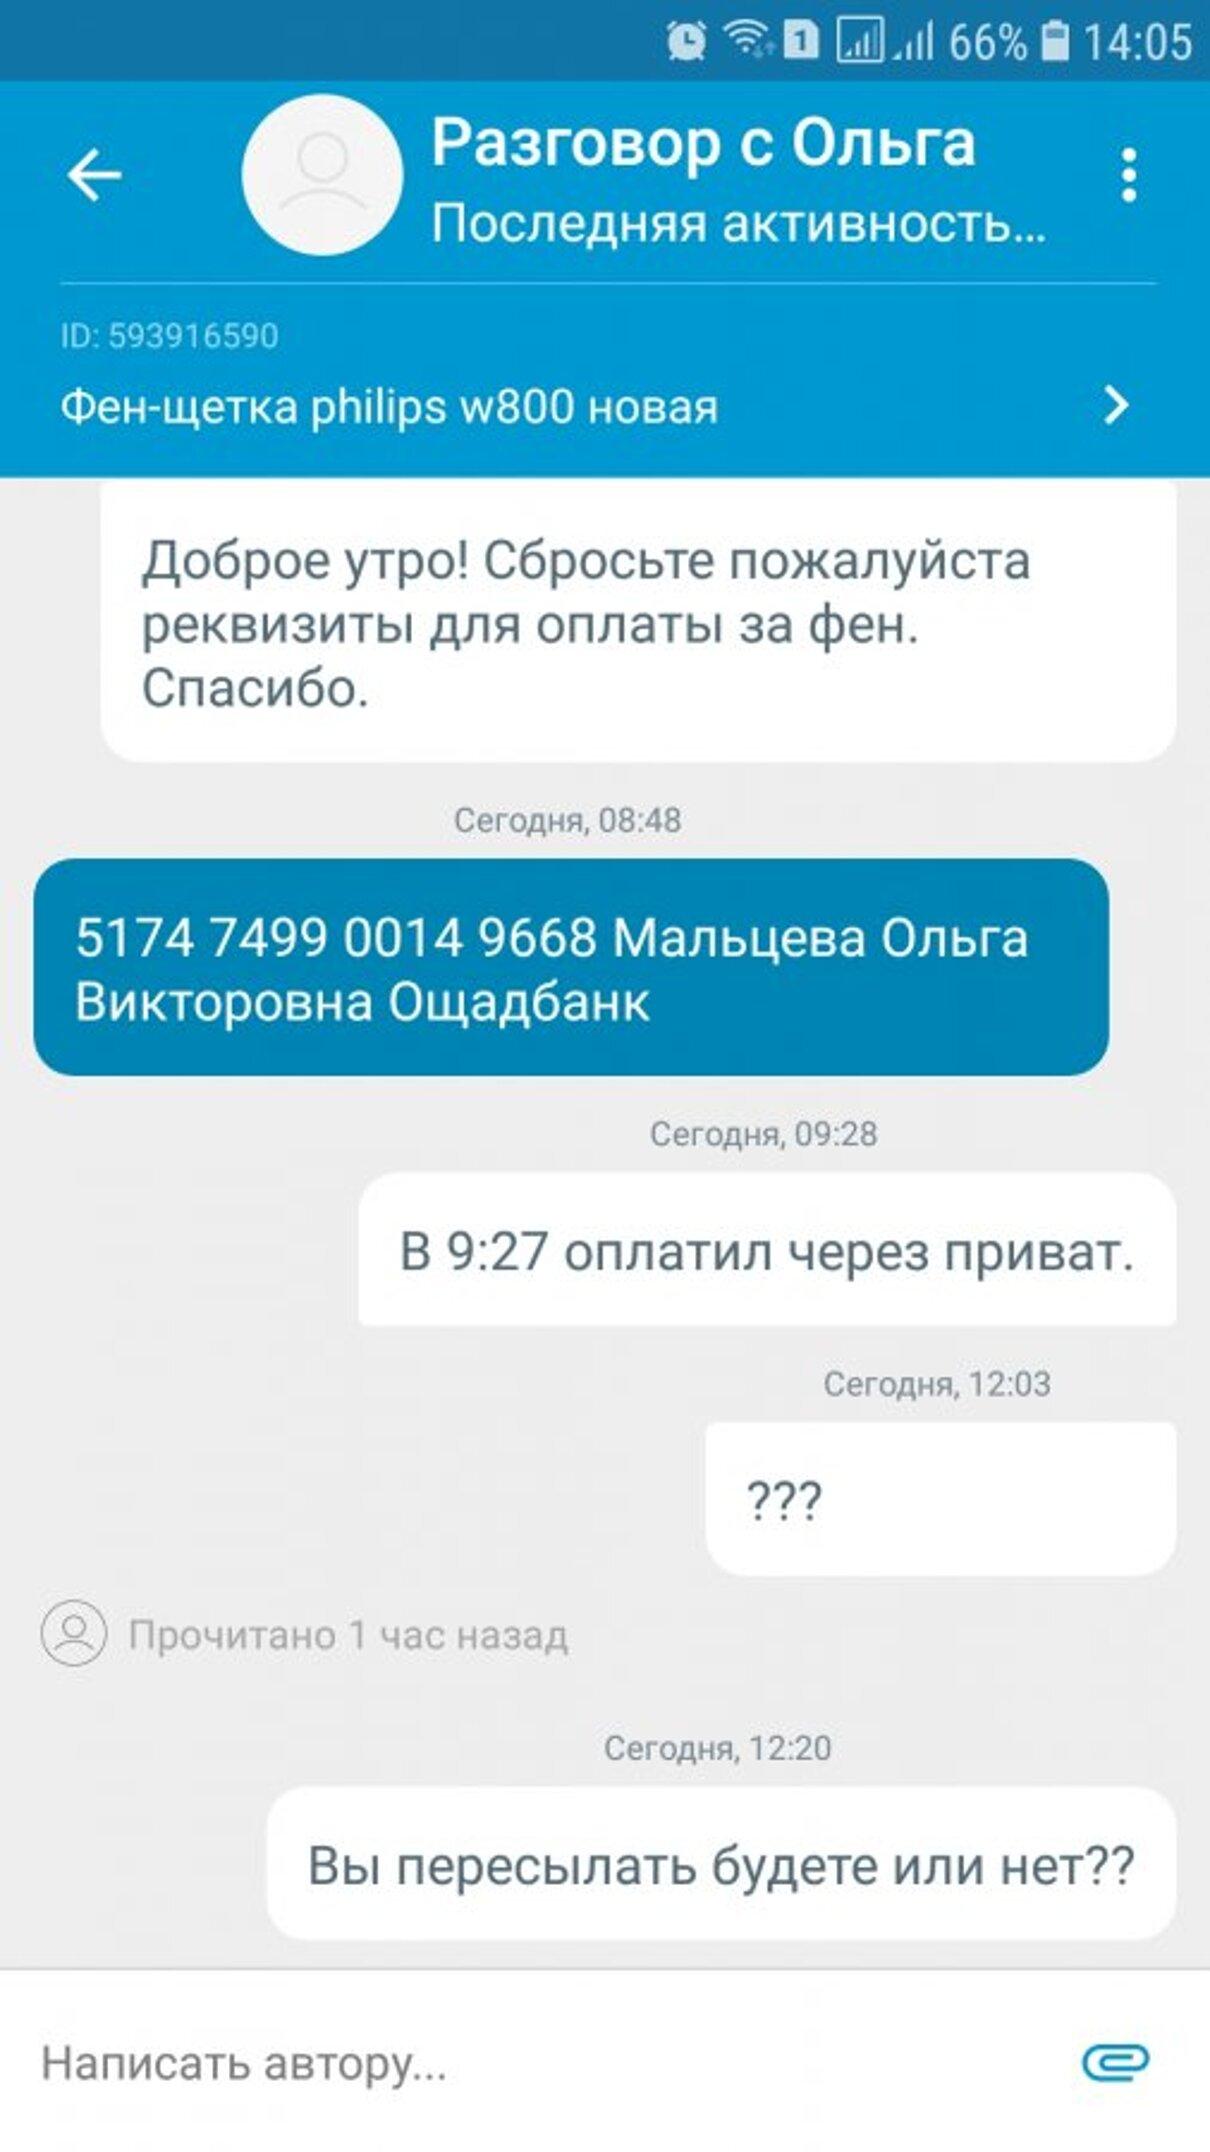 Жалоба-отзыв: Мальцева Ольга Викторовна - Мошенник.  Фото №3